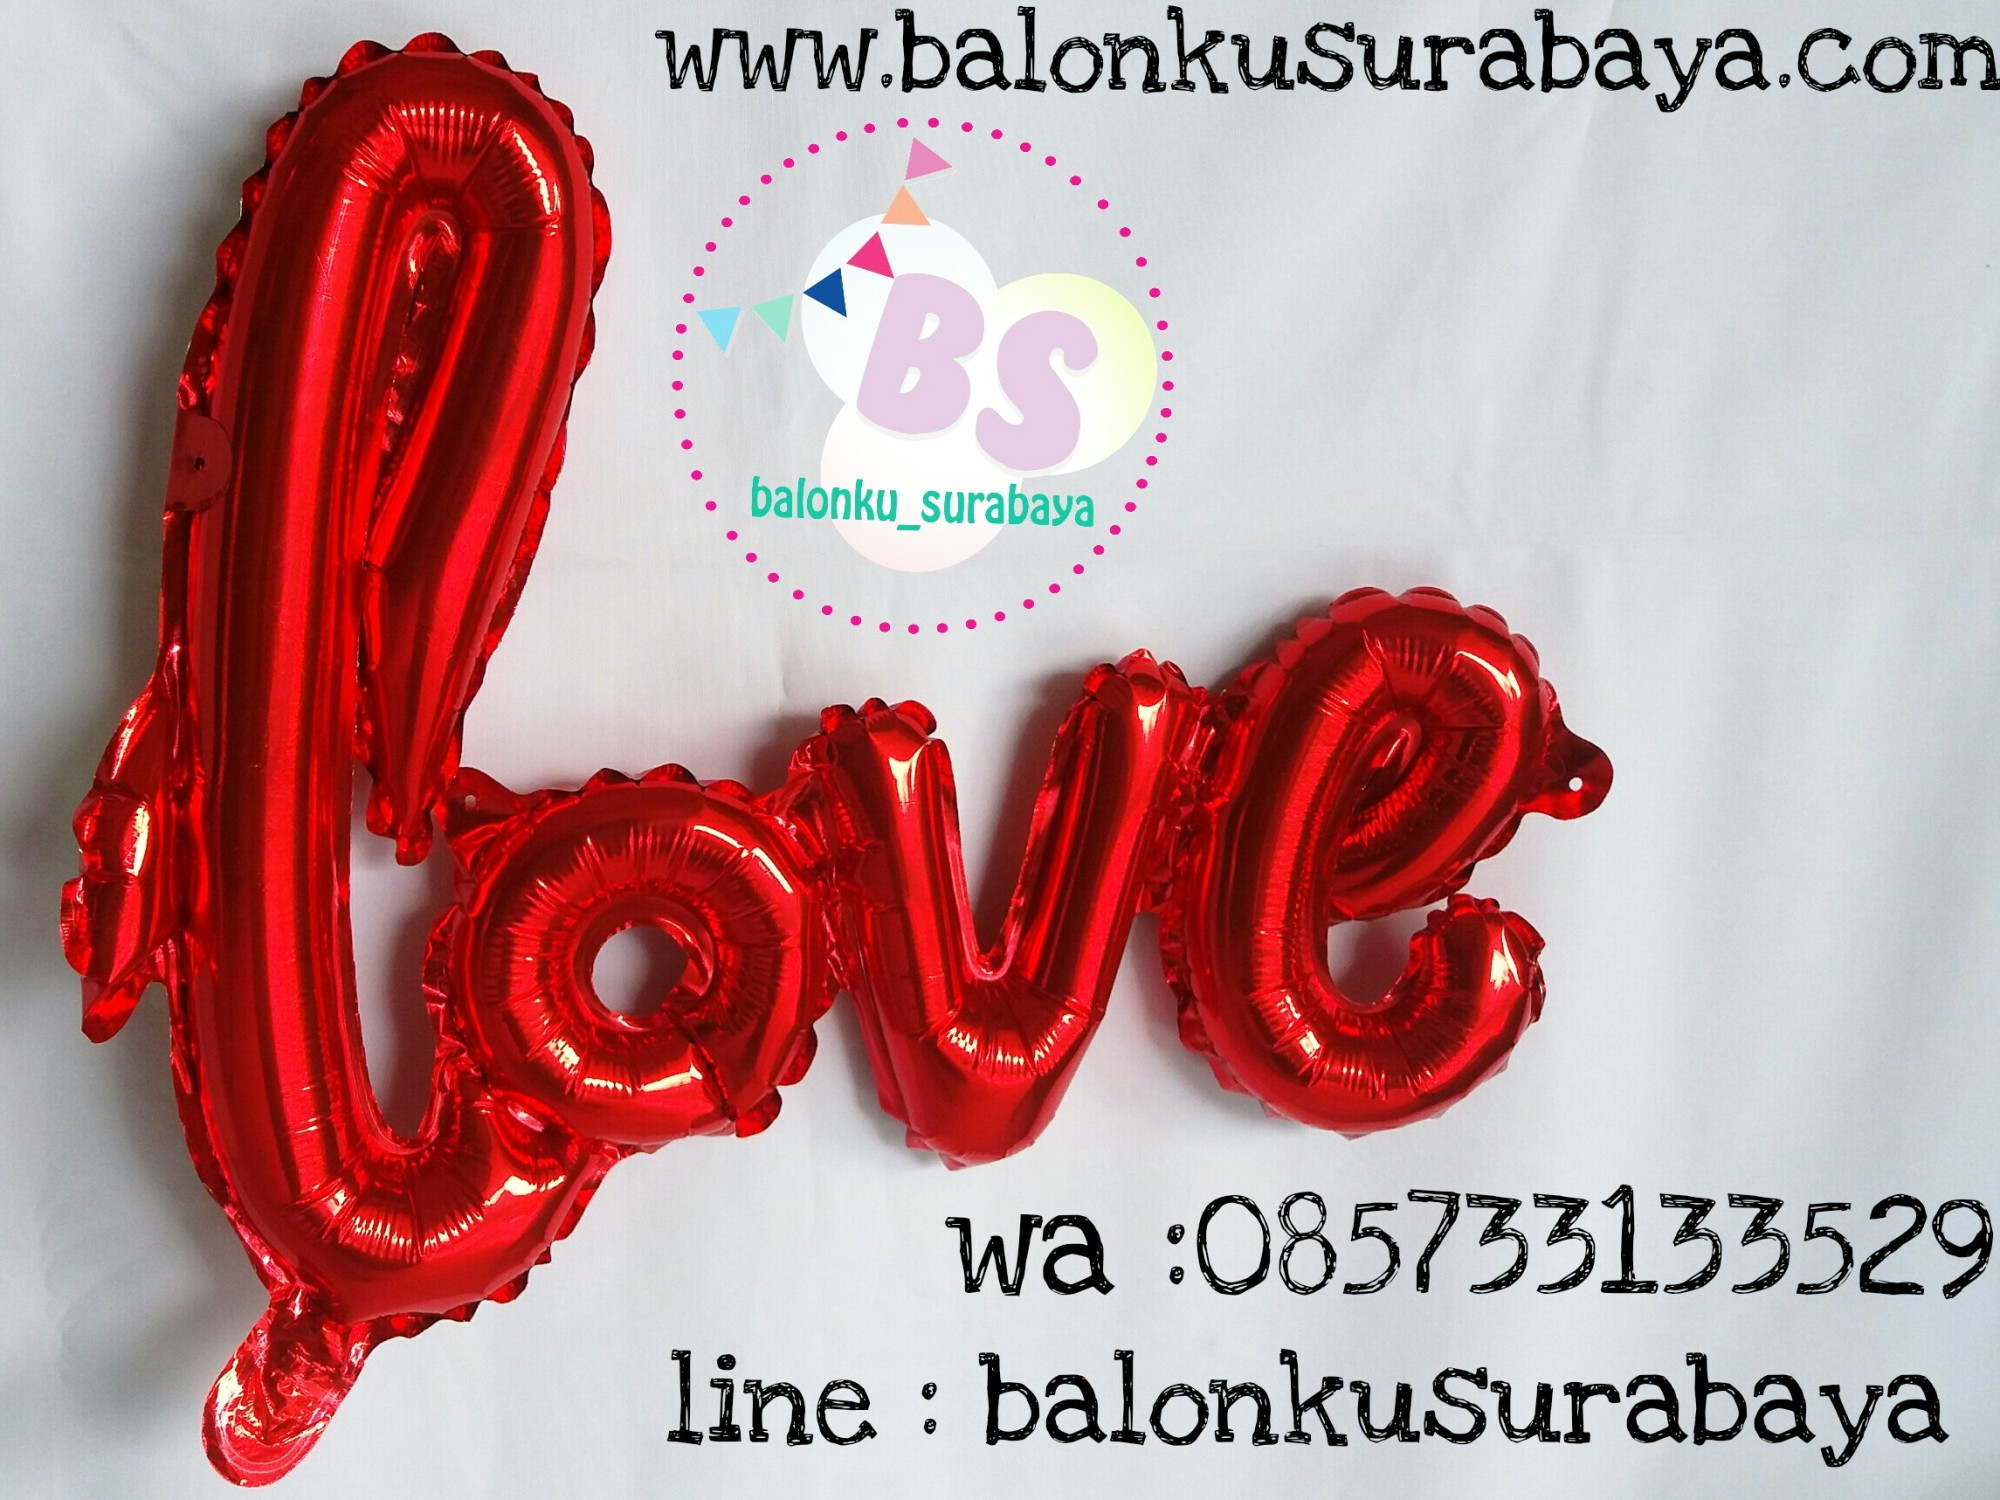 balon foil love letter, balon doff, balon latex doff, balon ulang tahun, balon dekorasi, balon foil, balon metalik, balon twist, balon latex, balon huruf, balon angka, supplier balon, dekorasi balon, sablon balon, confetti, bendera ulang tahun, balon LED, lampion terbang